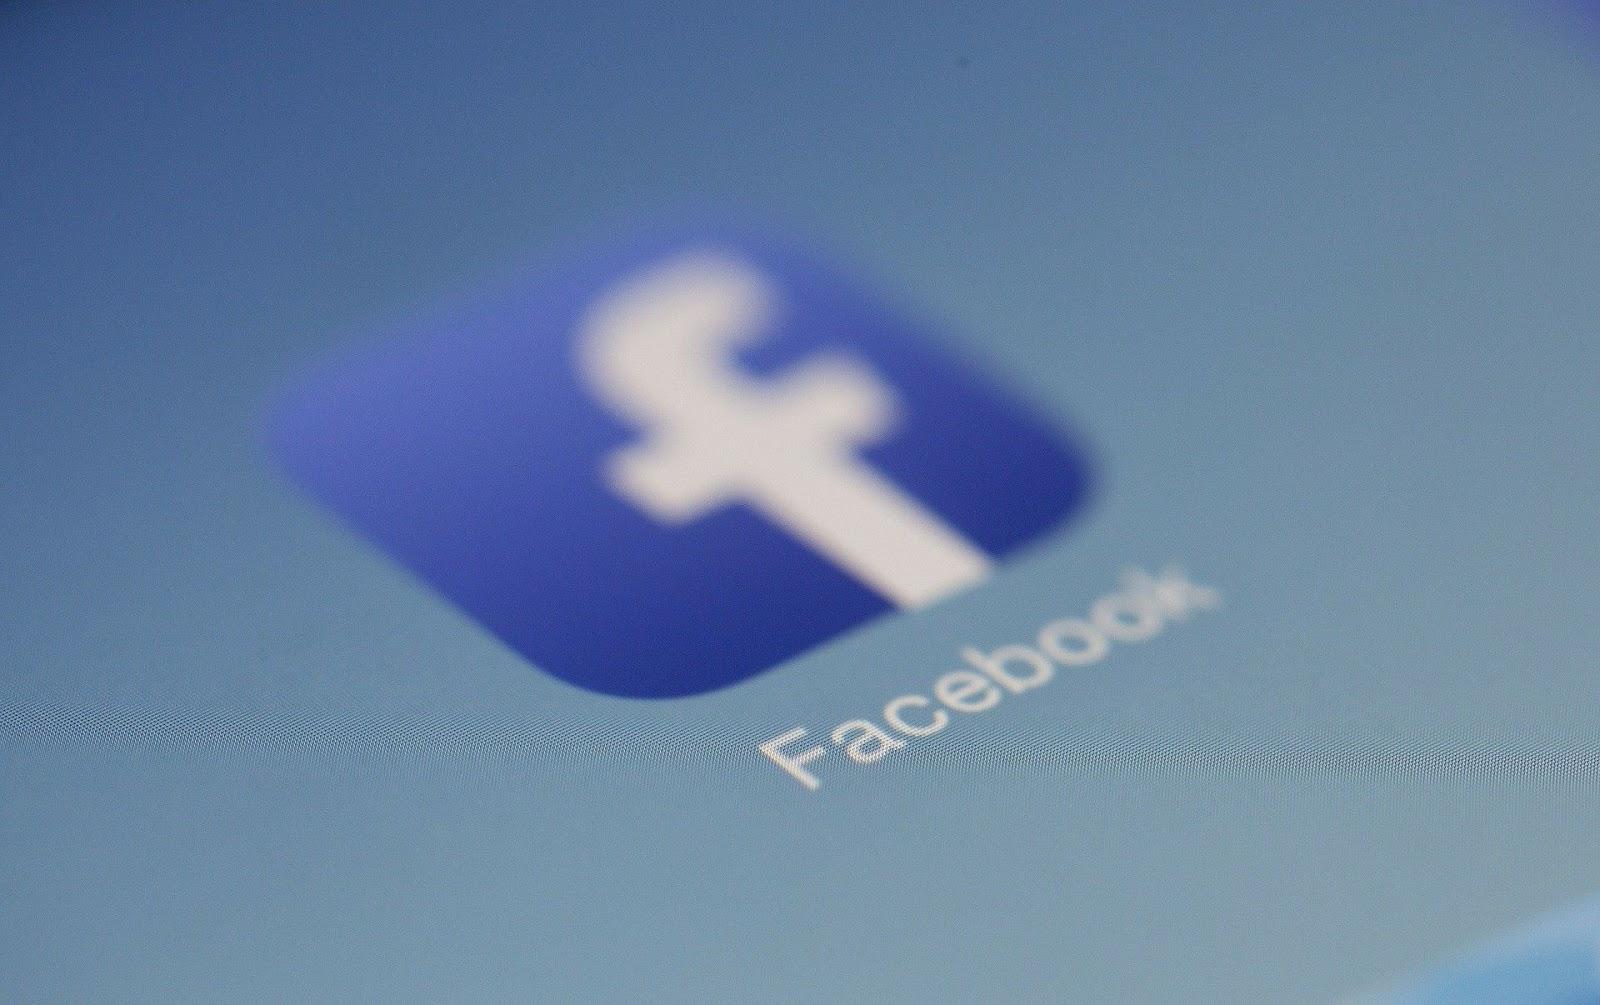 إنظم لنا على الفيسبوك